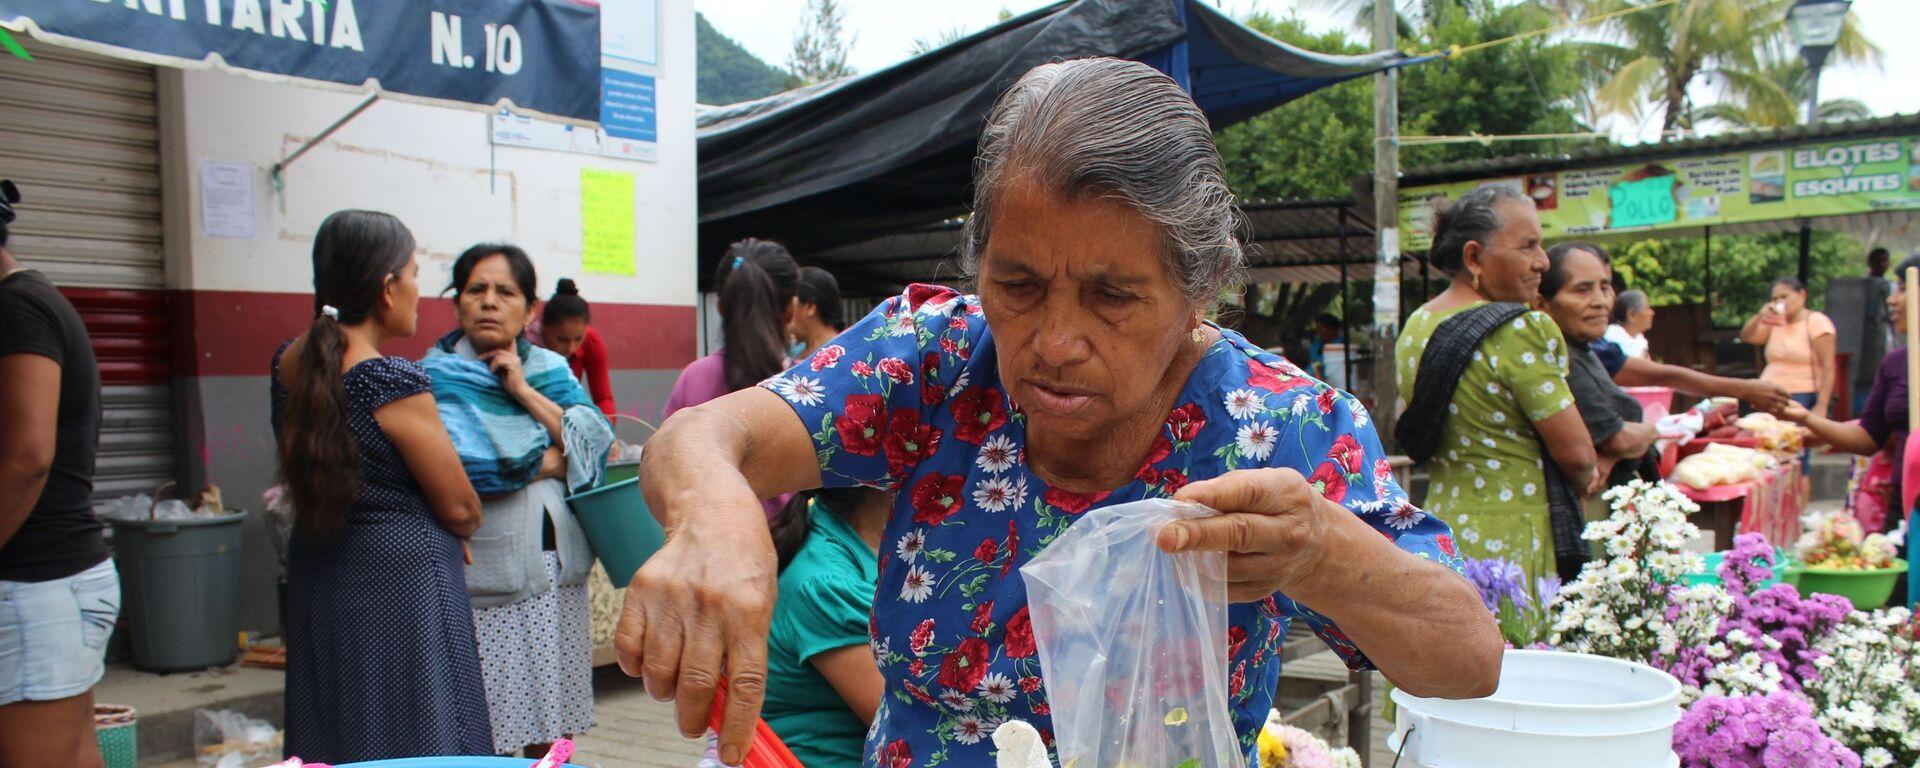 Una mujer de tercera edad en México (imagen referencial) - Sputnik Mundo, 1920, 01.03.2021